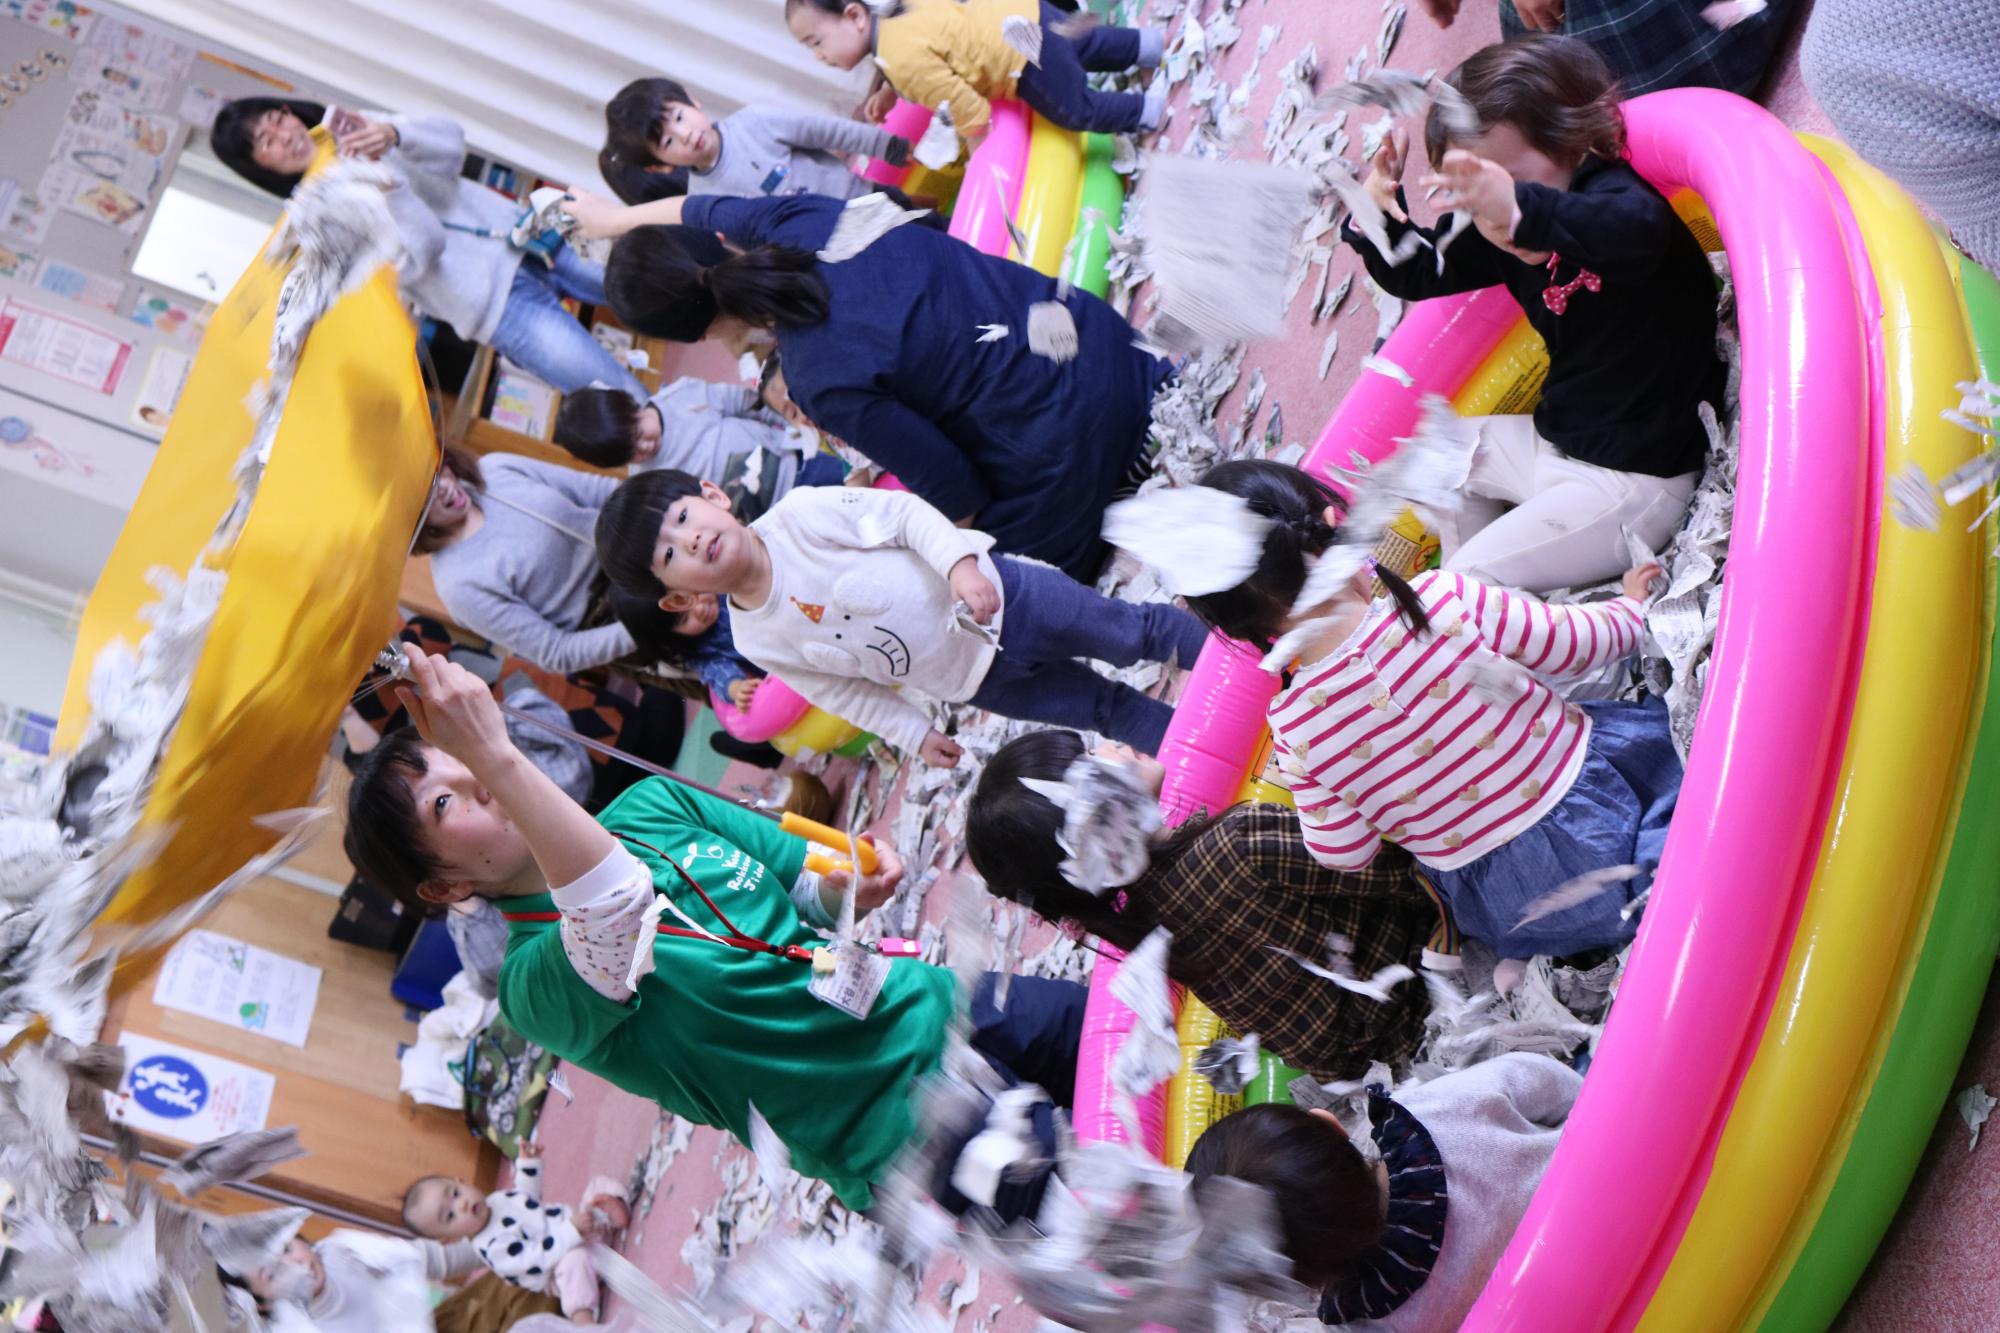 六甲道児童館のブログが新しくなりました